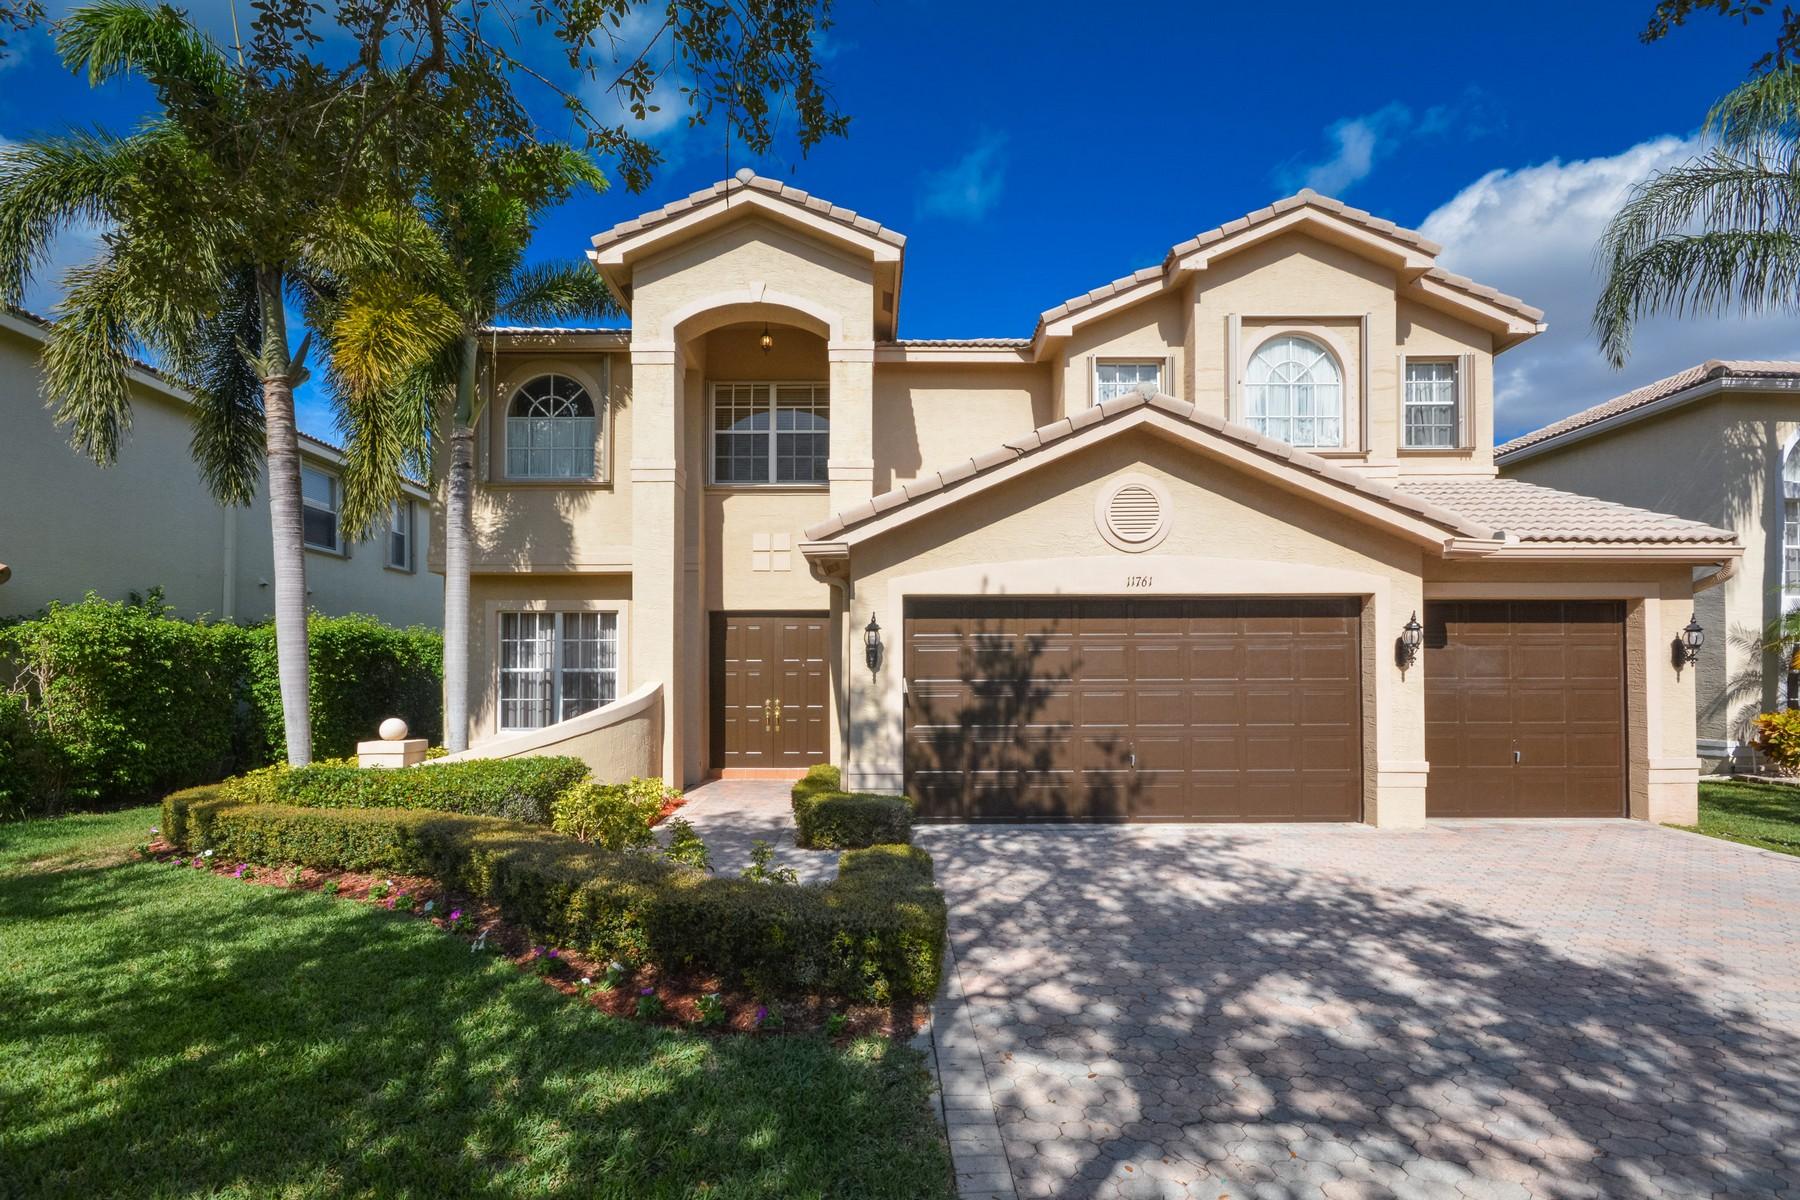 Частный односемейный дом для того Продажа на 11761 Preservation Ln , Boca Raton, FL 33498 11761 Preservation Ln, Boca Raton, Флорида, 33498 Соединенные Штаты